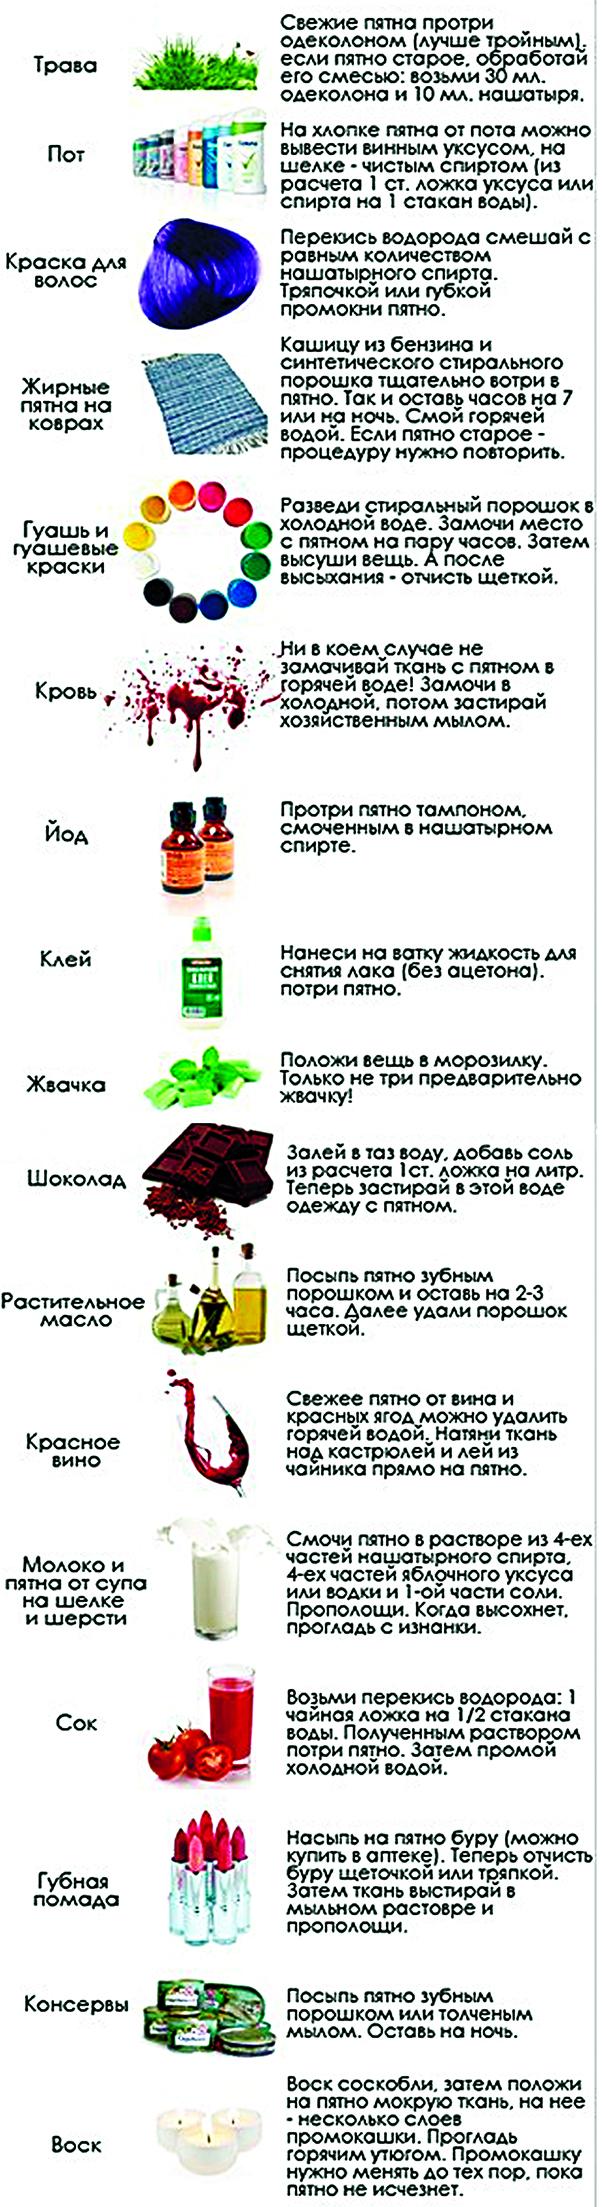 Как вывести пятна в домашних условиях с нашатырным спиртом